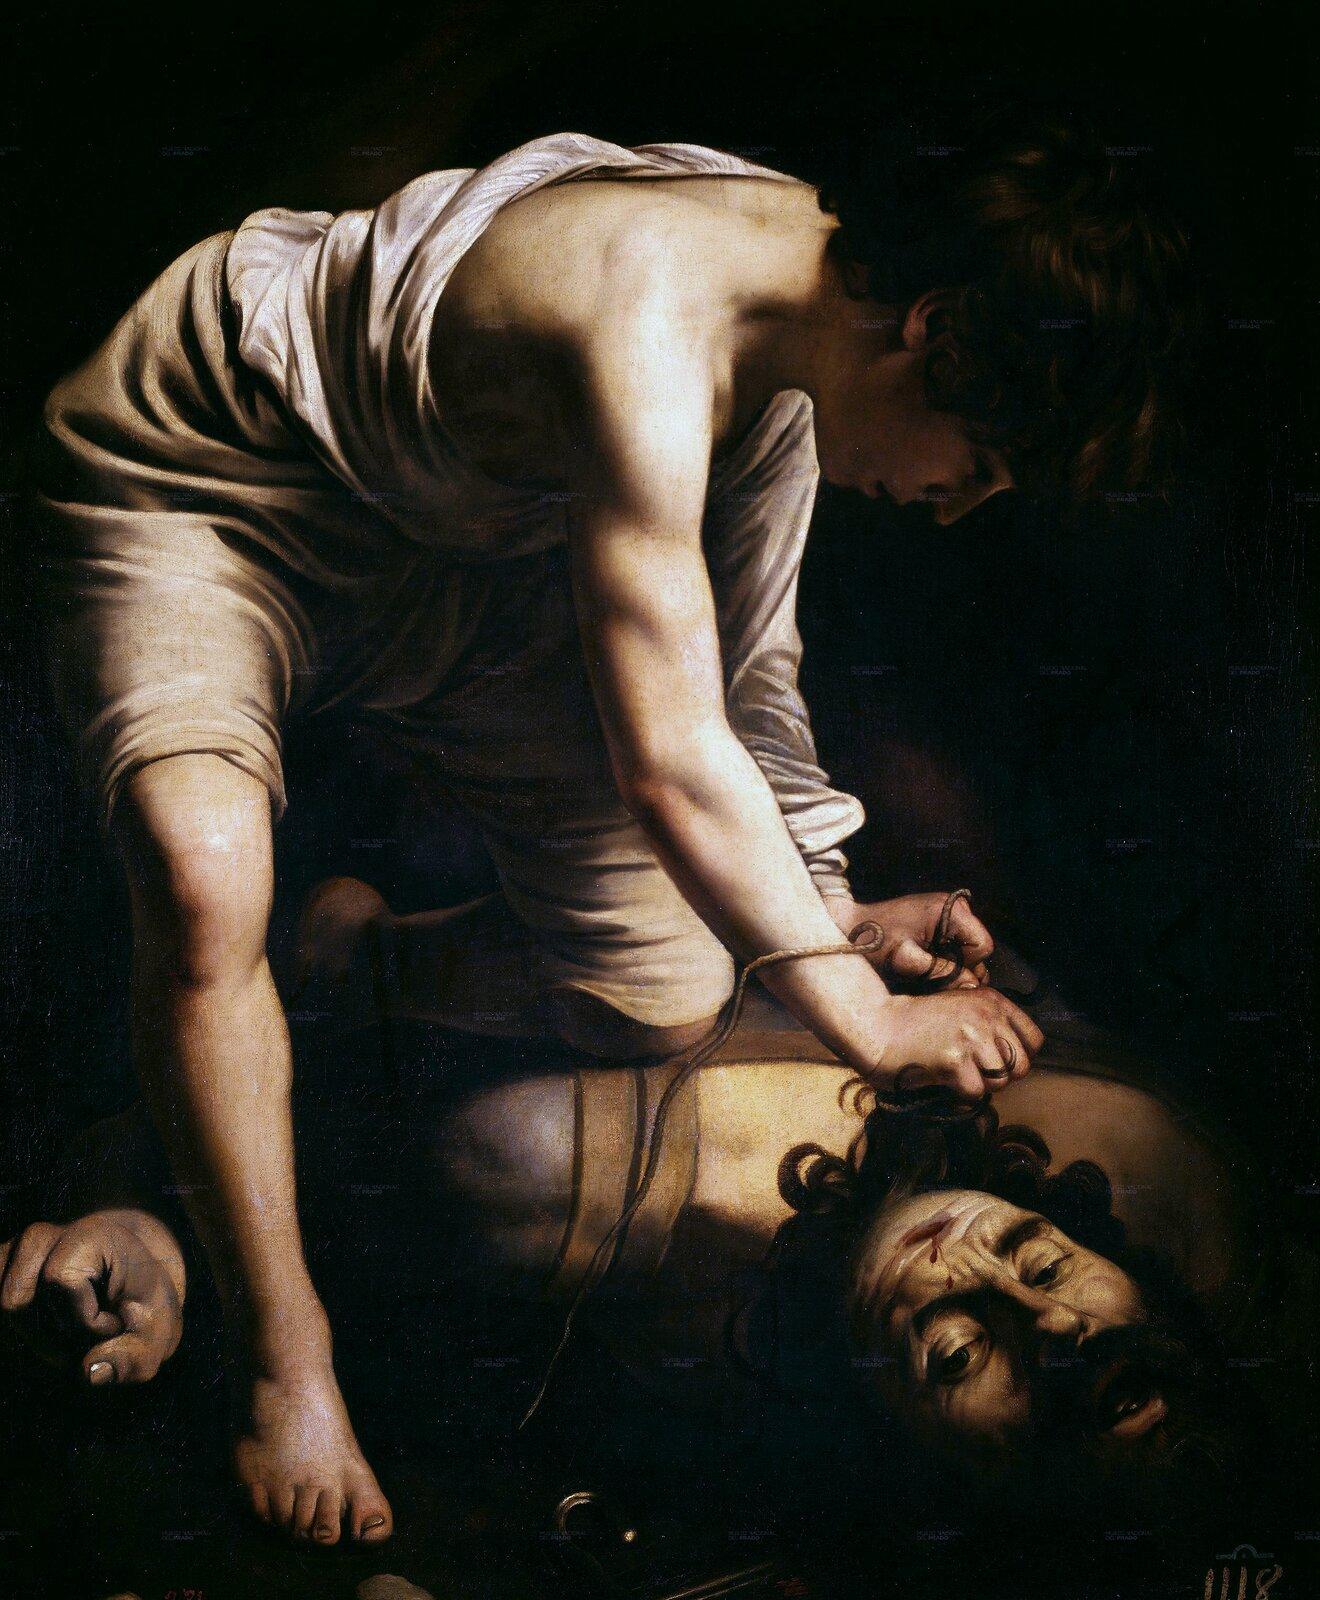 Dawid iGoliat Źródło: Caravaggio, Dawid iGoliat, 1600, olej na płótnie, Museo Nacional del Prado, domena publiczna.